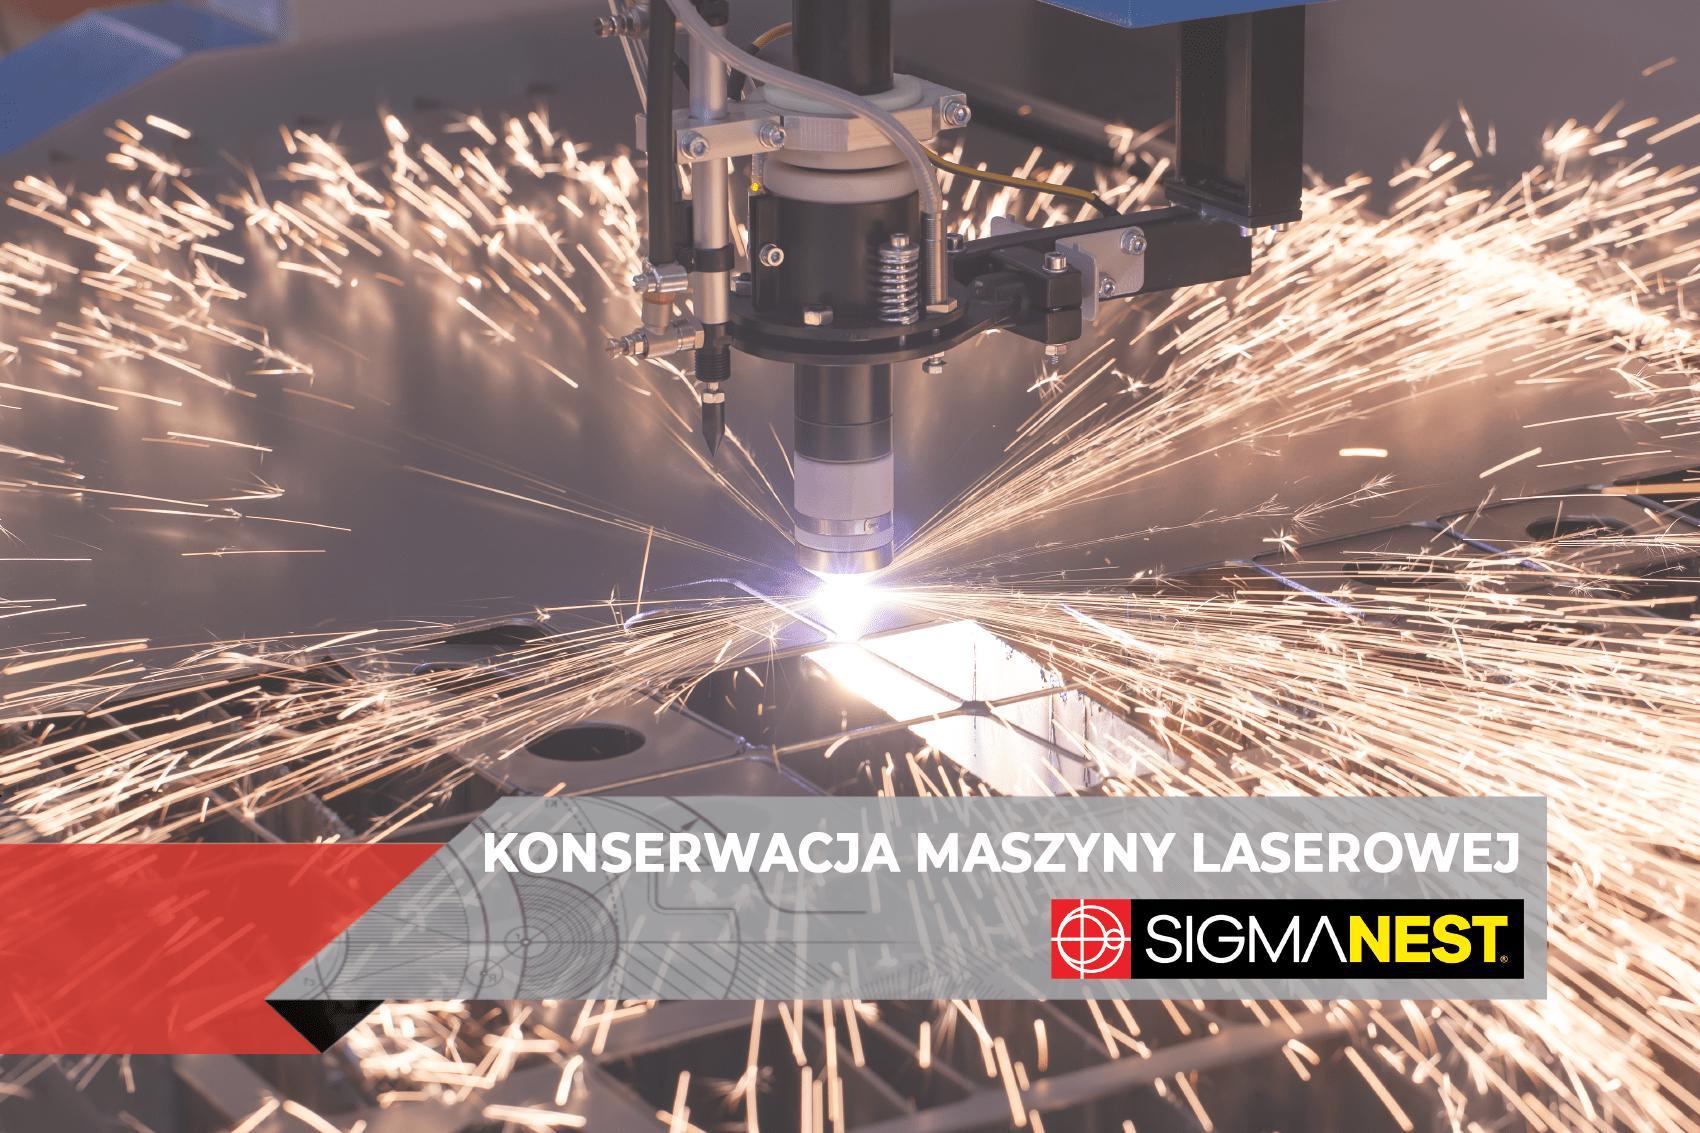 Konserwacja maszyny laserowej - jak zapobiec awarii - SigmaNEST